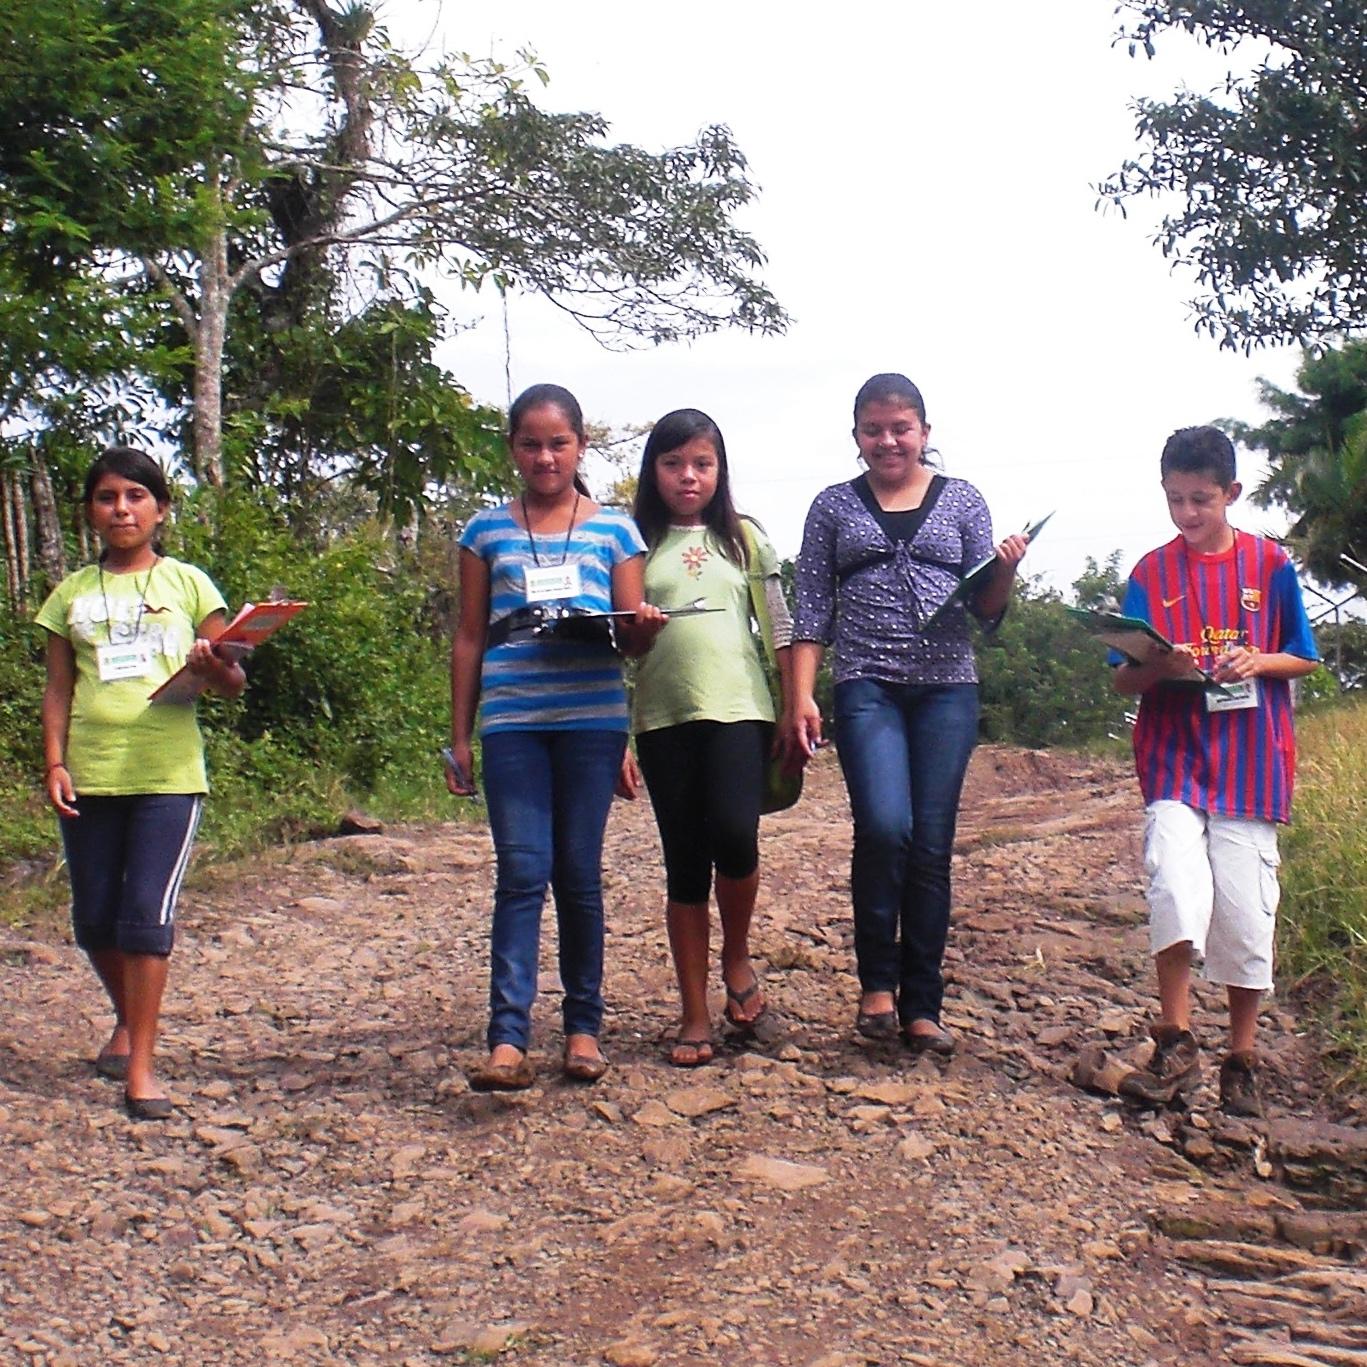 """Harry Shier: """"Los niños, niñas y adolescentes pueden ser agentes de cambio social para lograr una ciudad más amigable"""""""